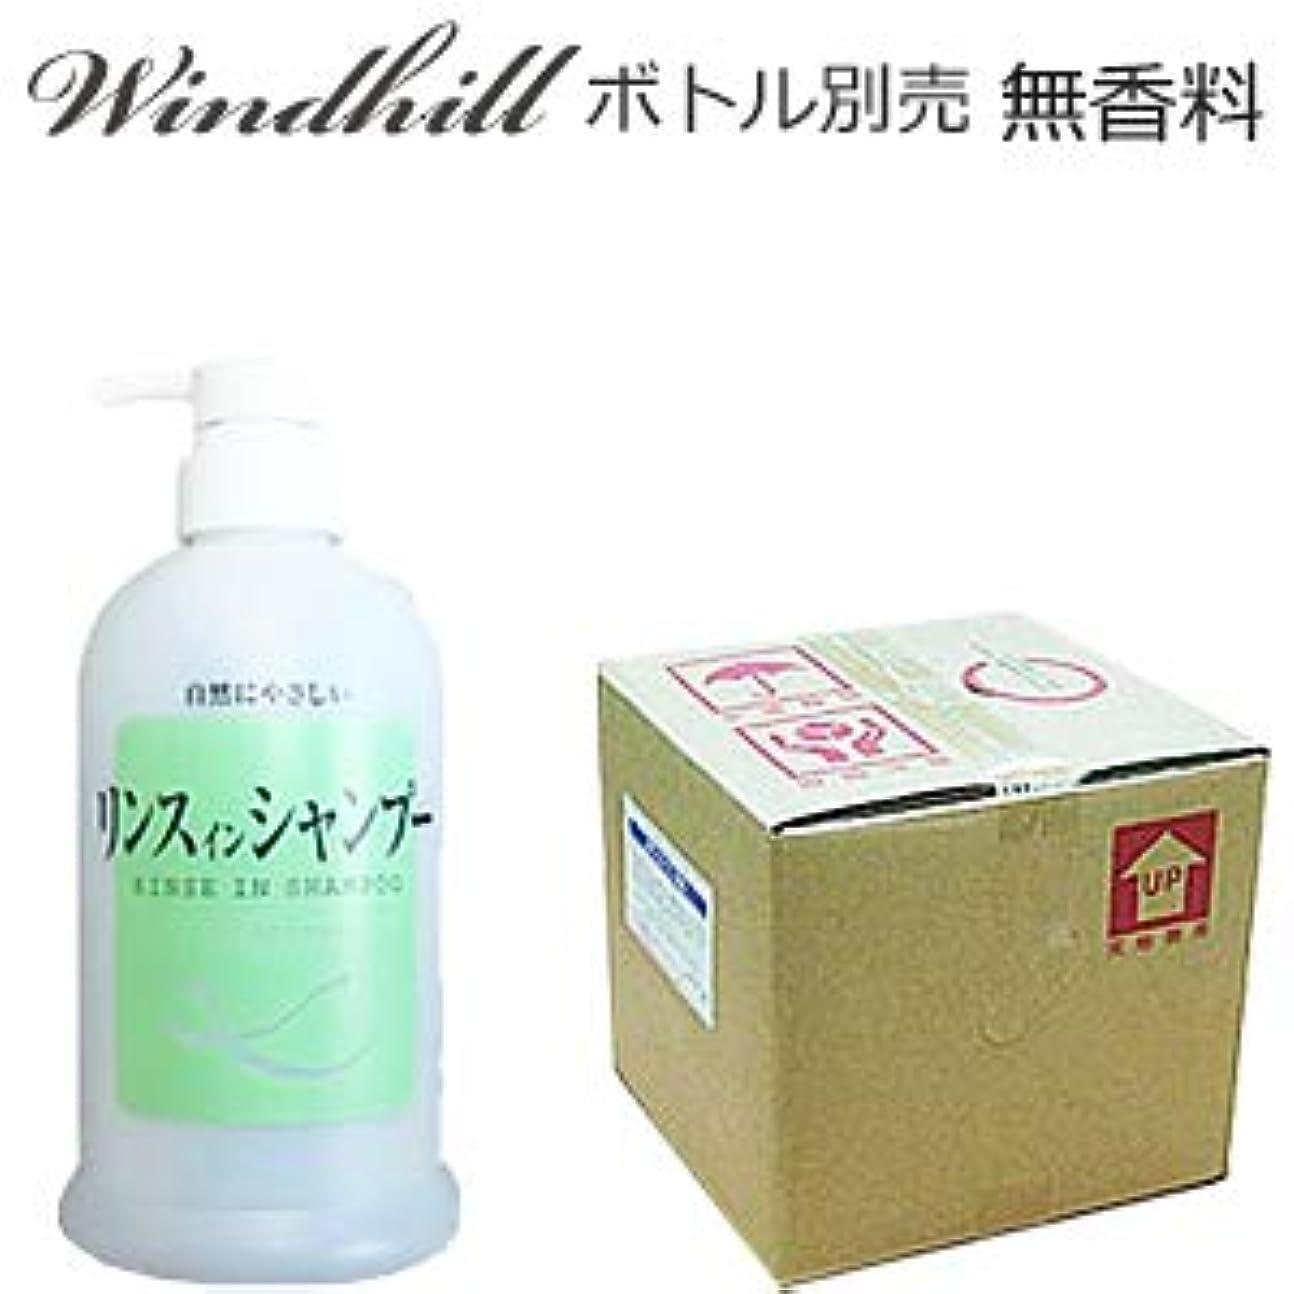 みすぼらしいアルファベット順いたずらWindhill 植物性 業務用ボディソープ 無香料 20L(1セット20L入)